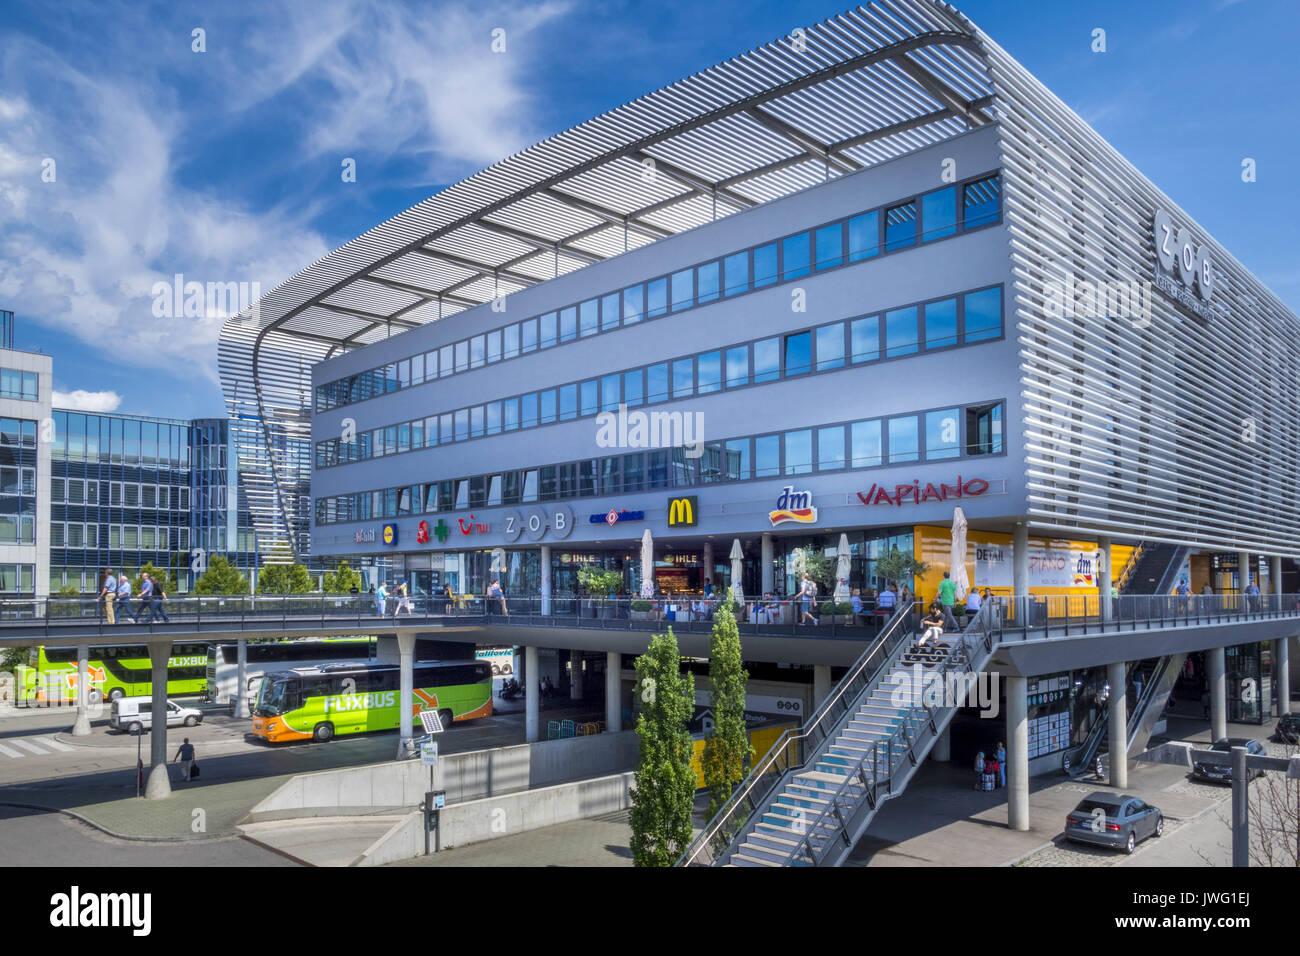 Zentraler Omnibusbahnhof, ZOB, München, Oberbayern, Bayern, Deutschland, Europa - Stock Image